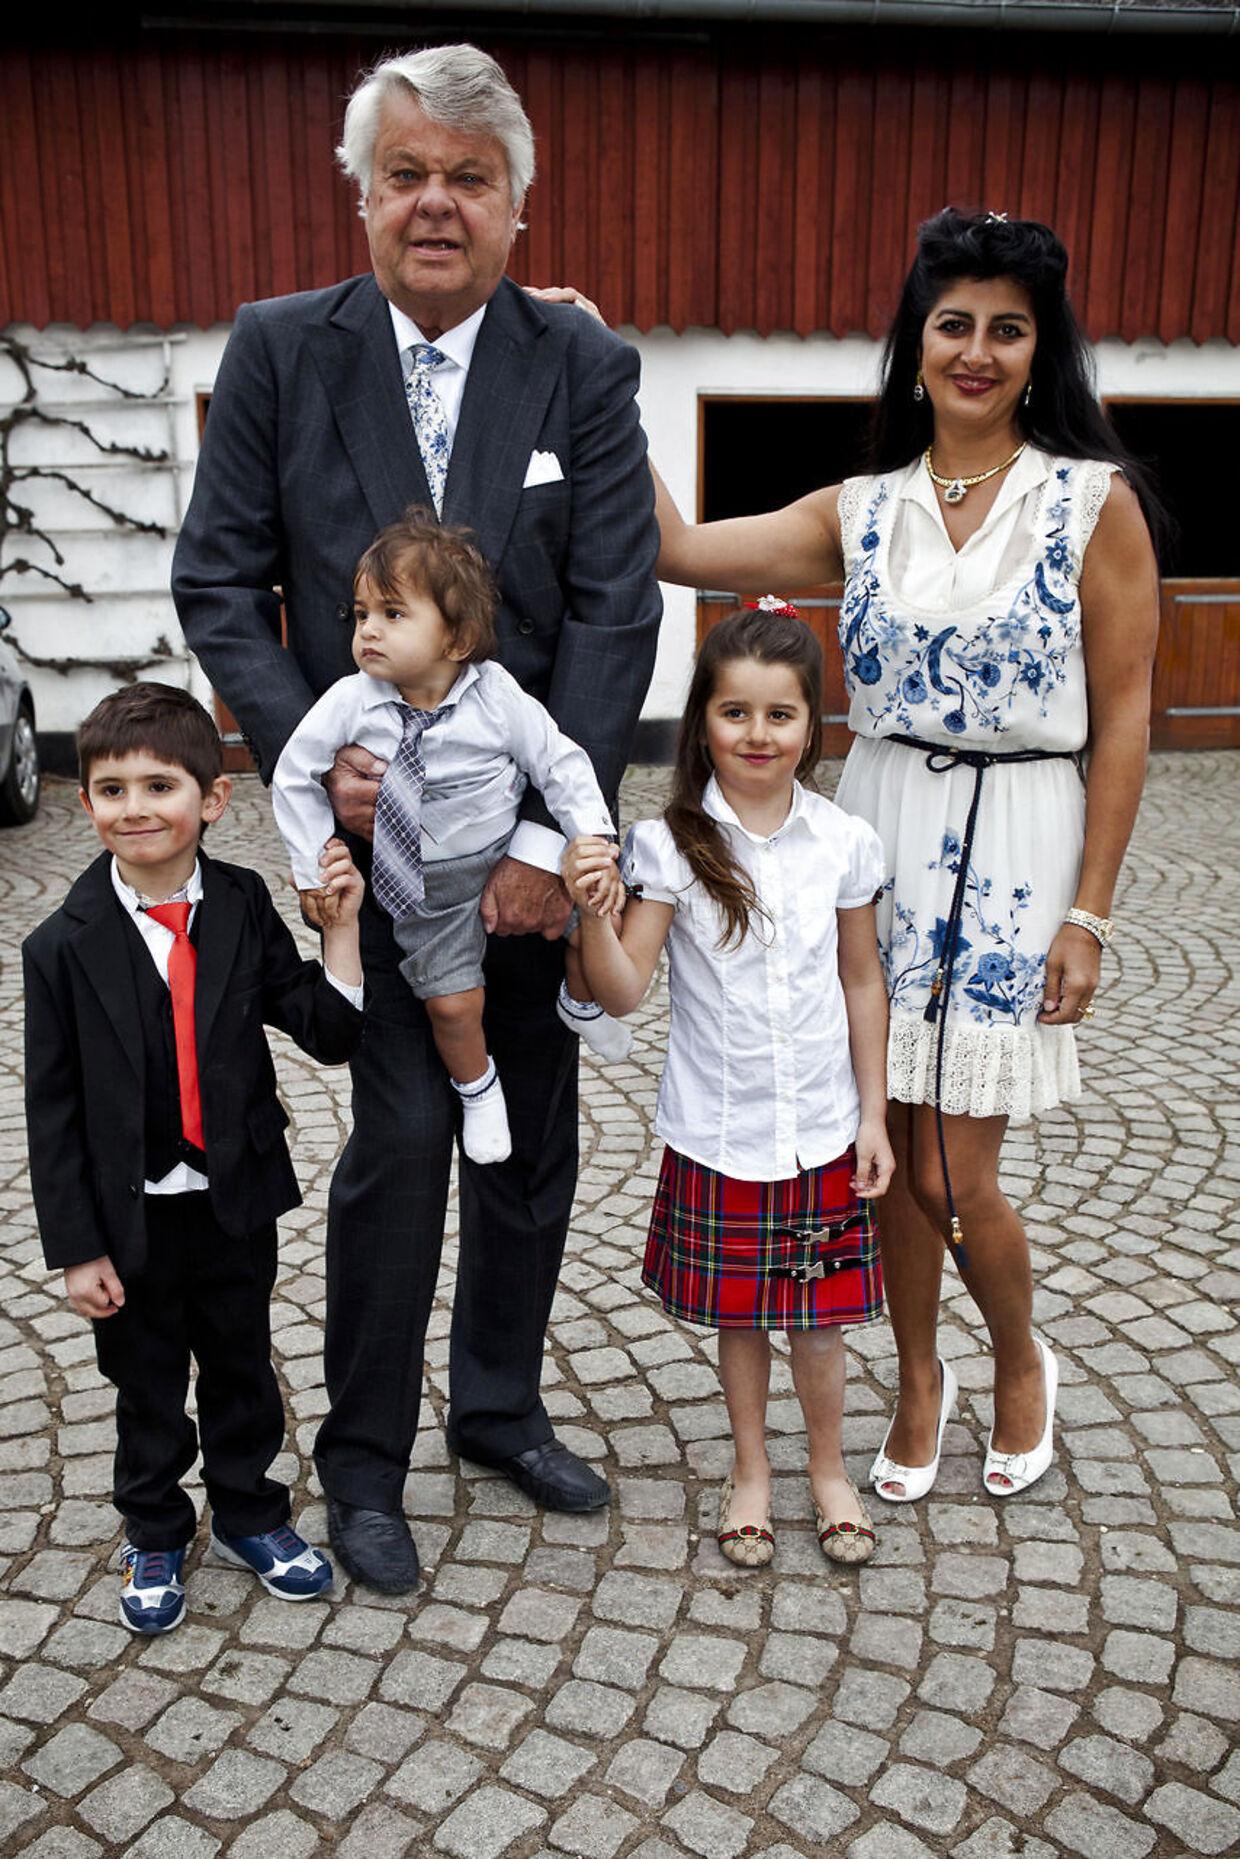 Christian Kjær, da han fyldte 70 år i 2012. På billedet ses han med sin kone, Susan Astani, samt hendes to børn og deres fælles lille søn.